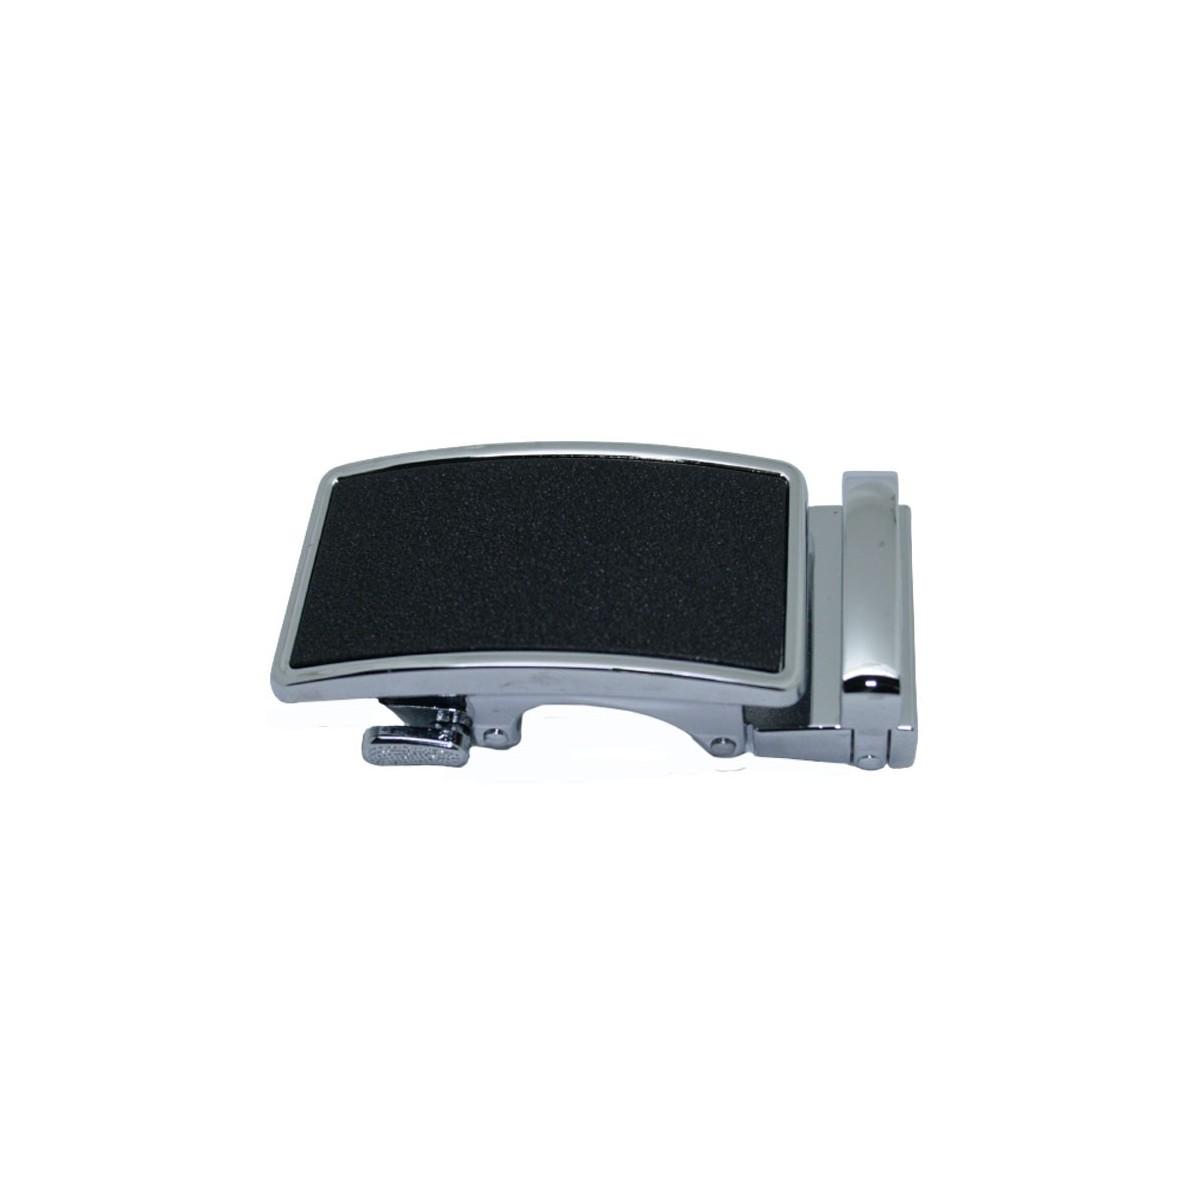 Boucle de ceinture homme centre noir mat granit avec cadre couleur argentée